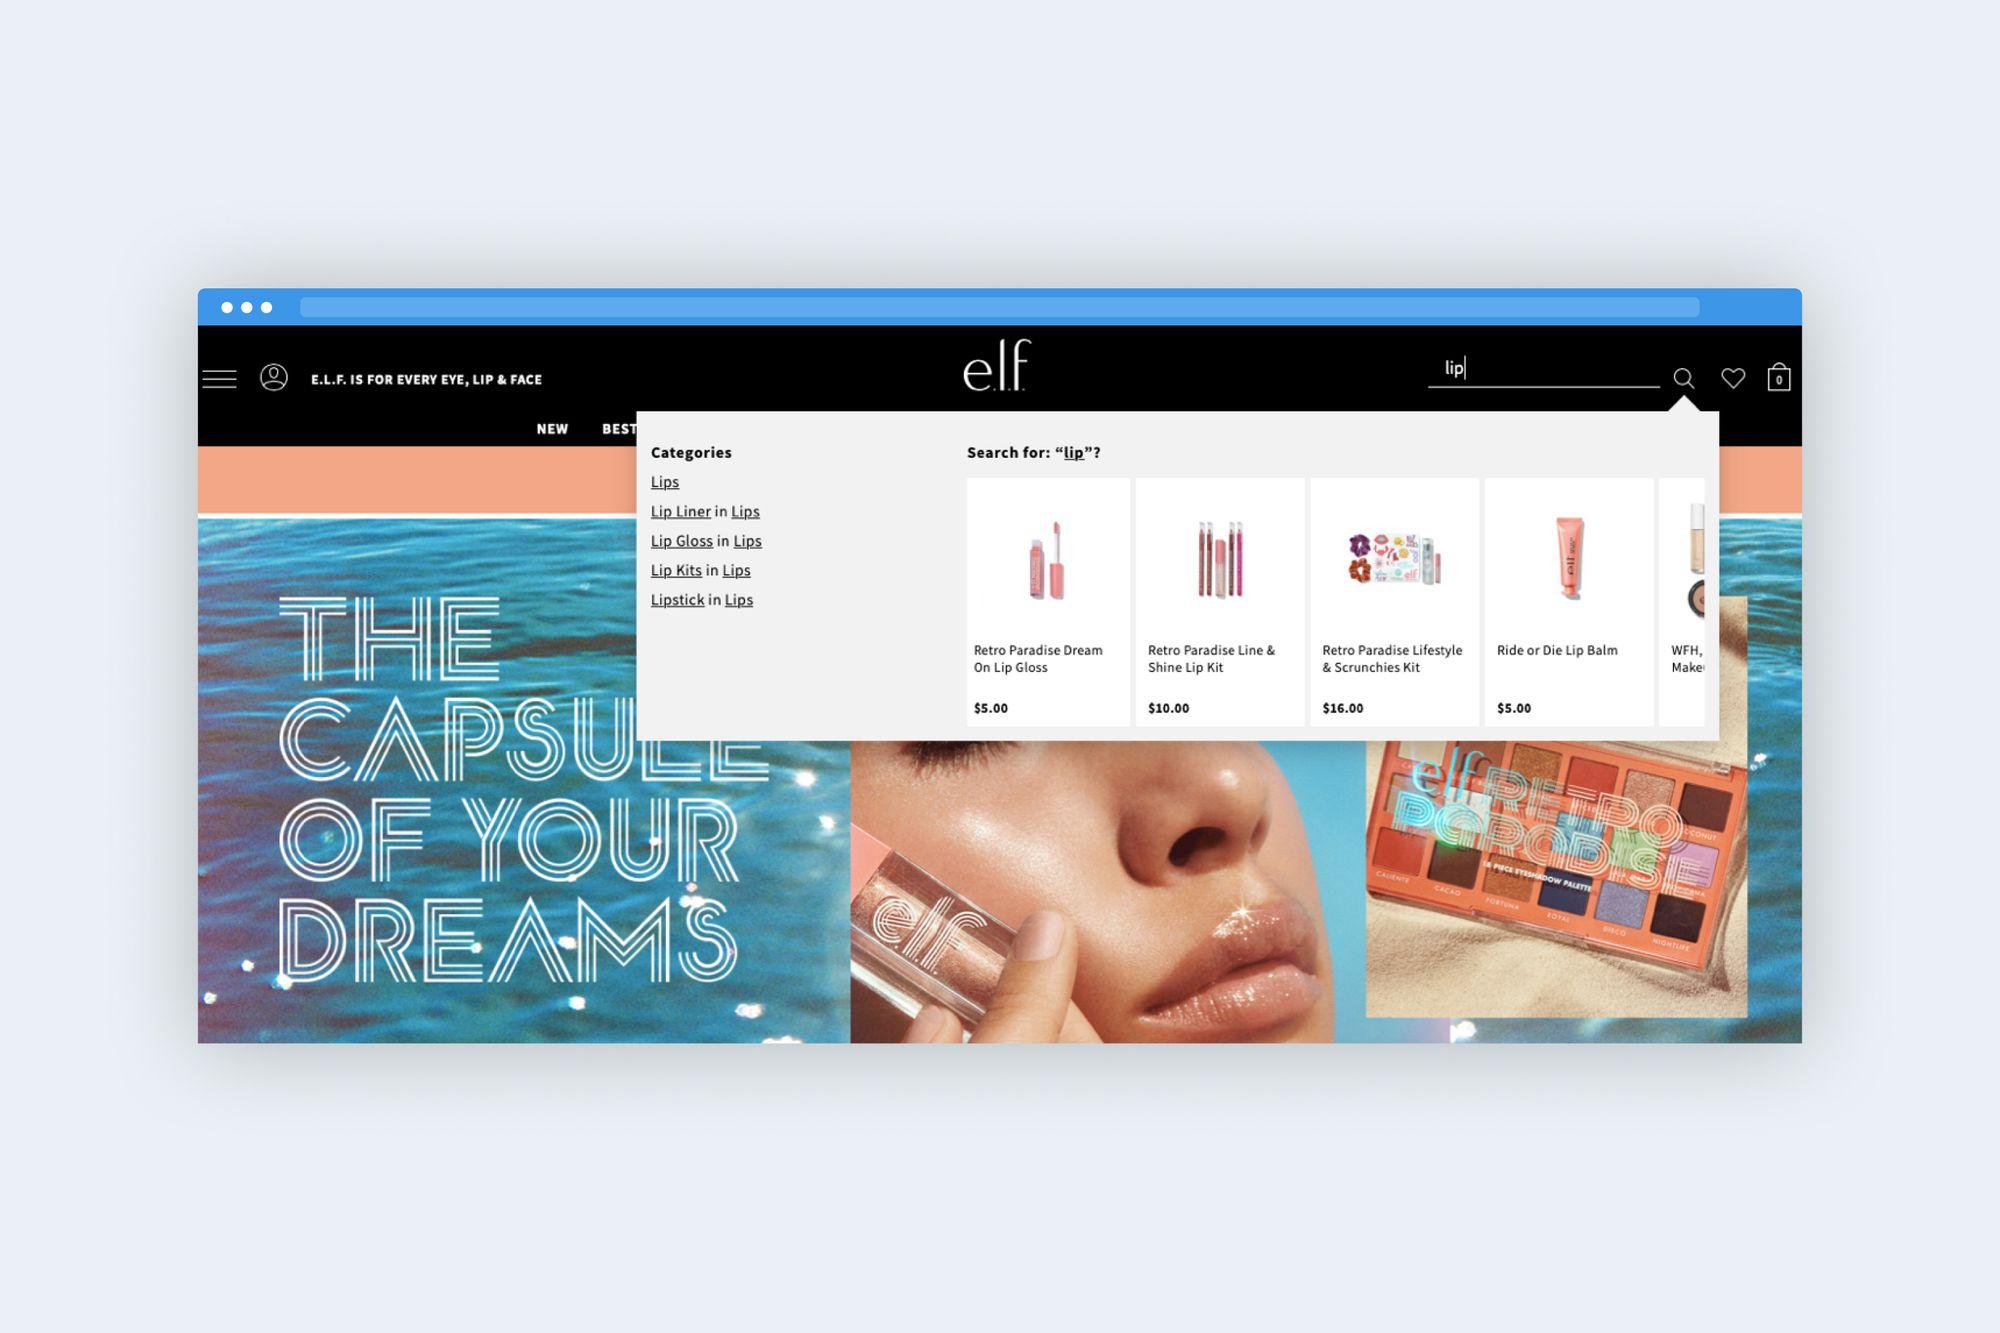 E.L.F. web-site searching